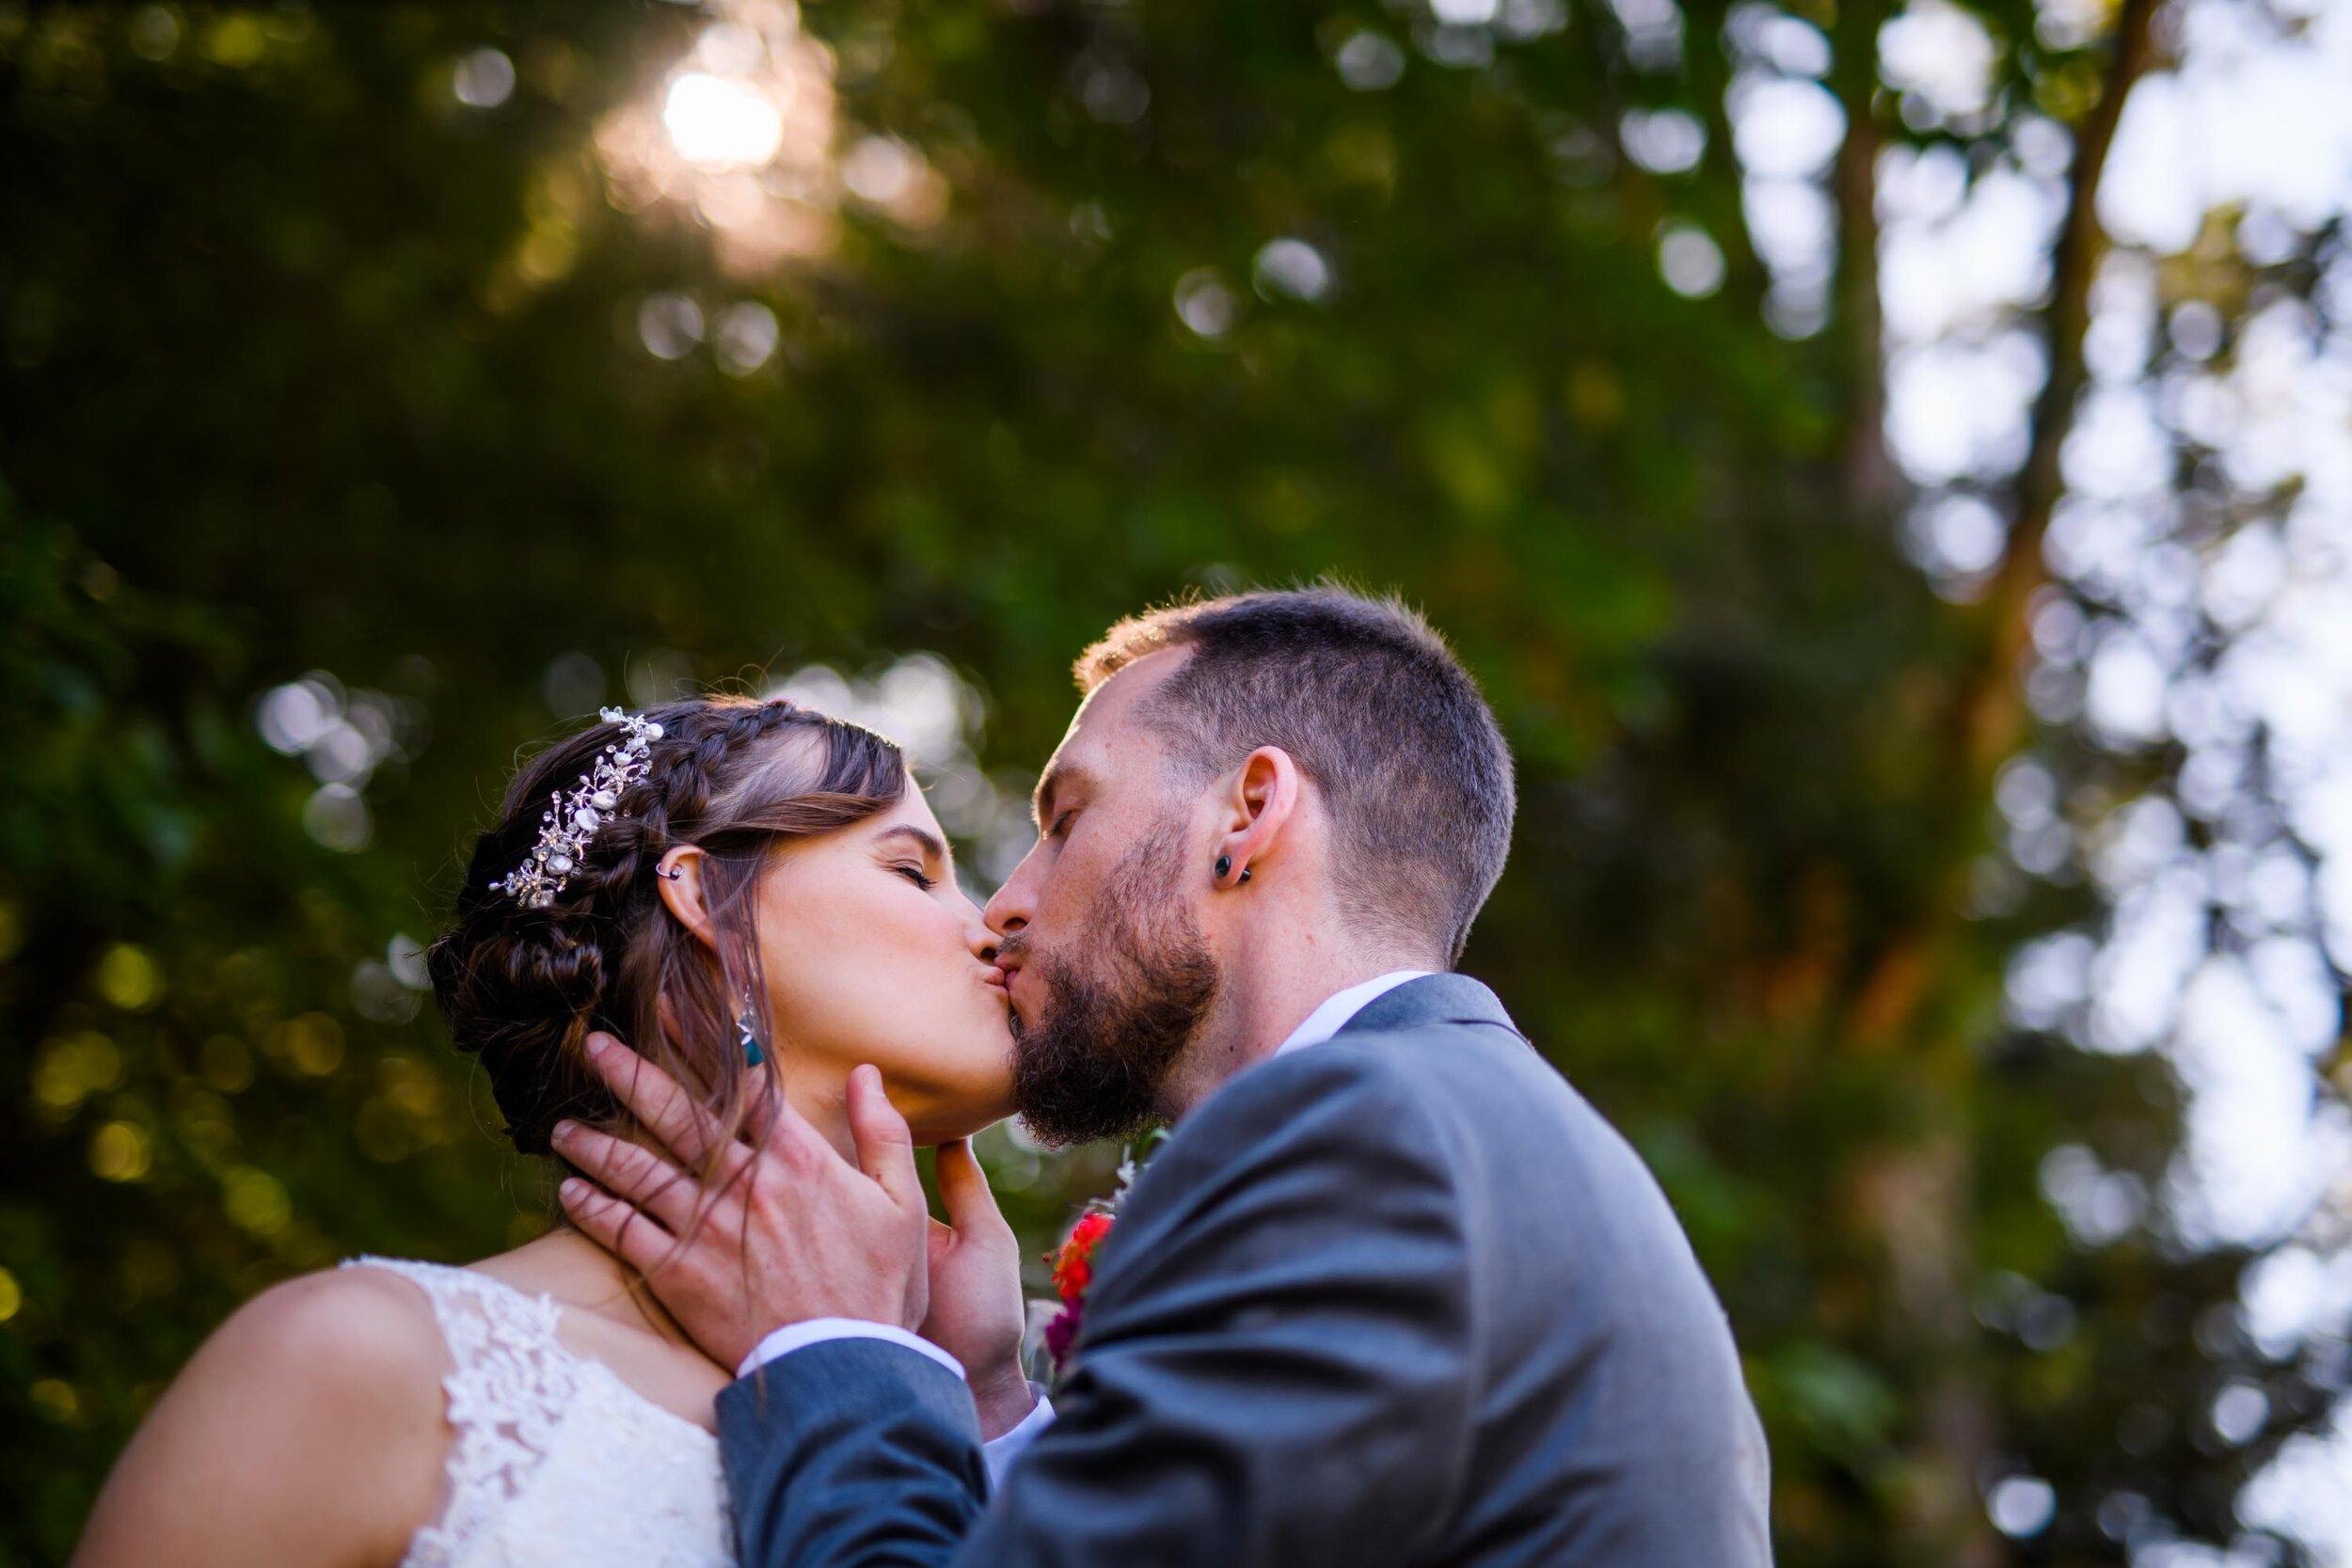 Mt. Pisgah Arboretum wedding photos 45.JPG